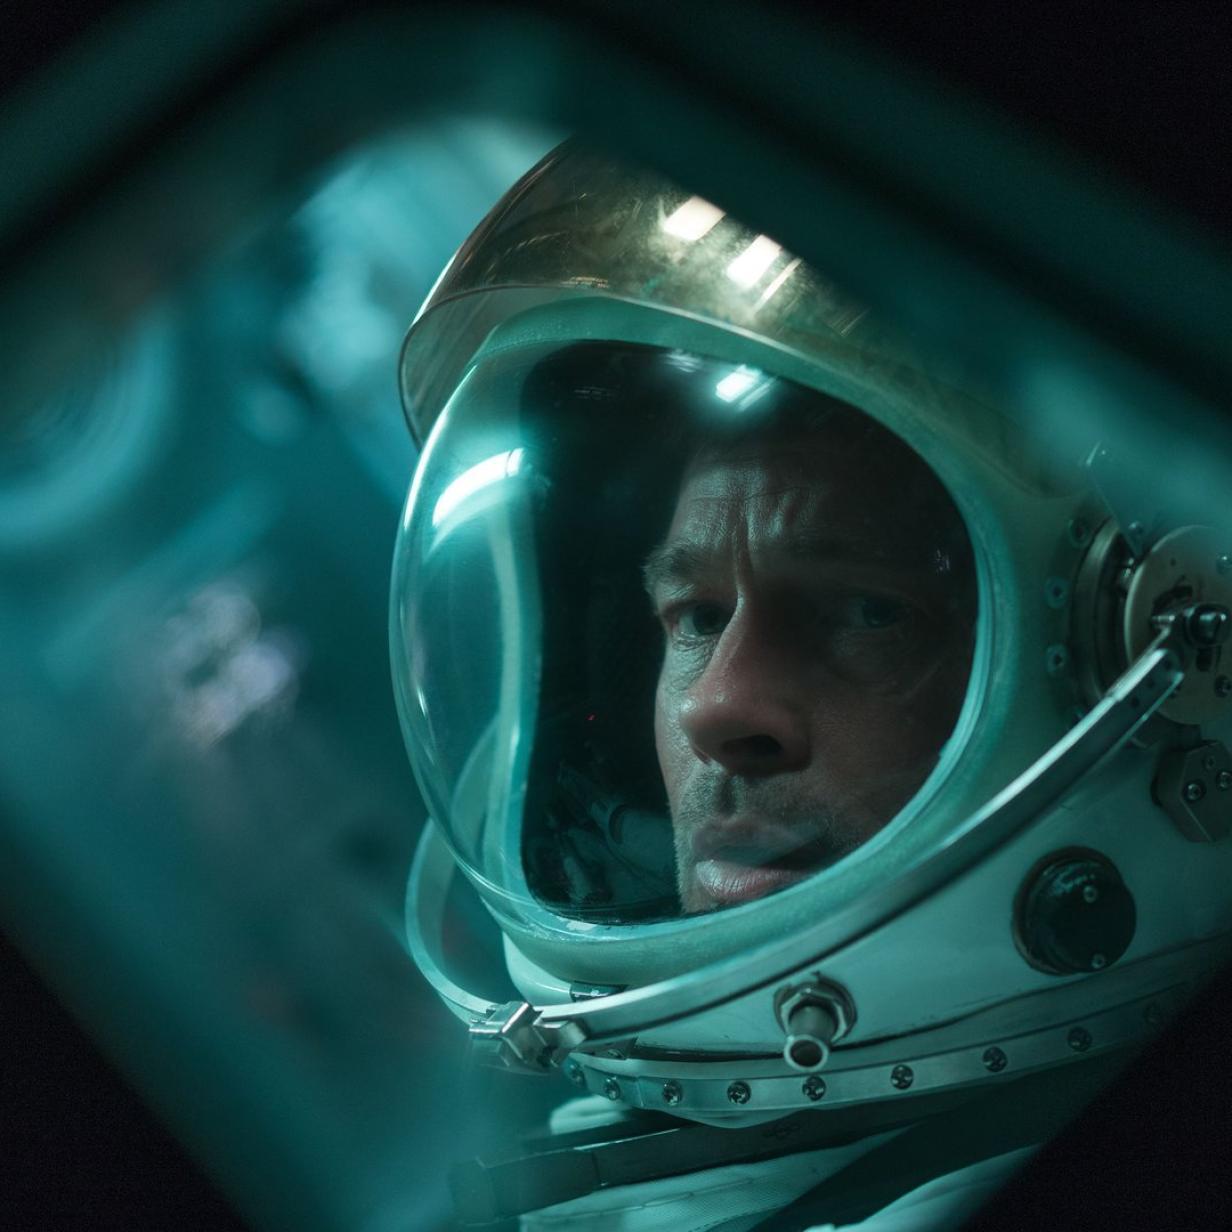 """Filmkritik zu """"Ad Astra"""" mit Brad Pitt: Mann, Mond und Melancholie"""